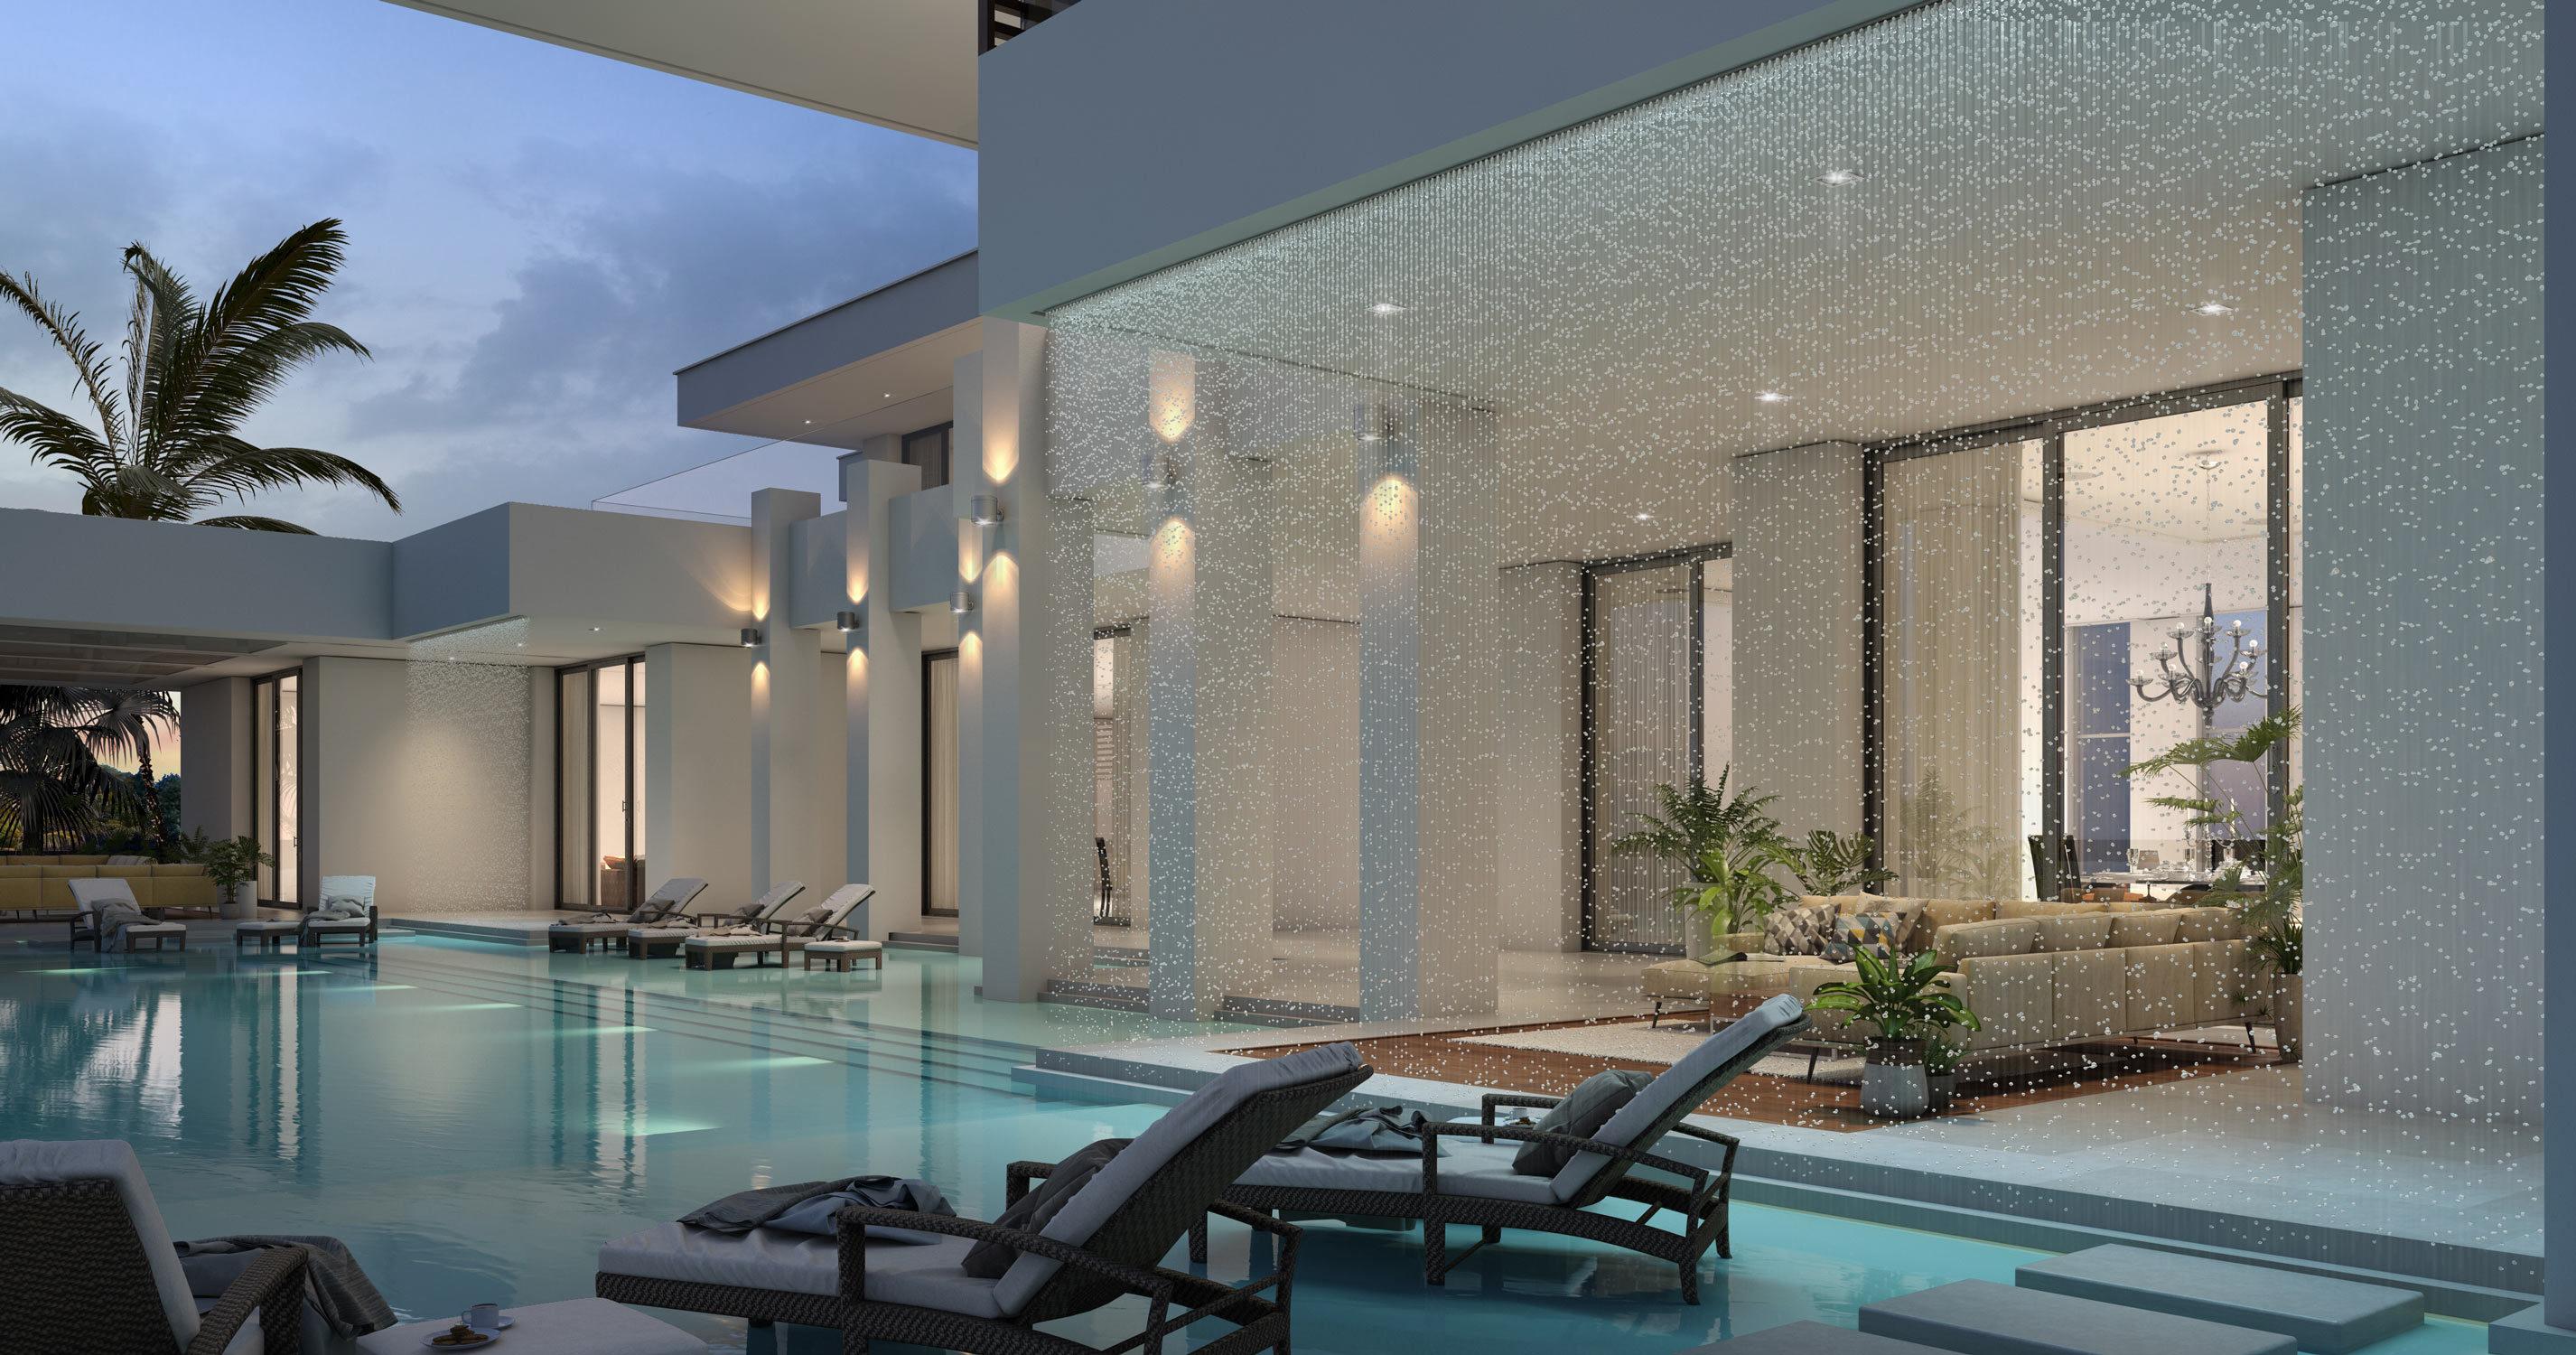 Lagoon Villa in Doha-Prisma Architecture, 2016